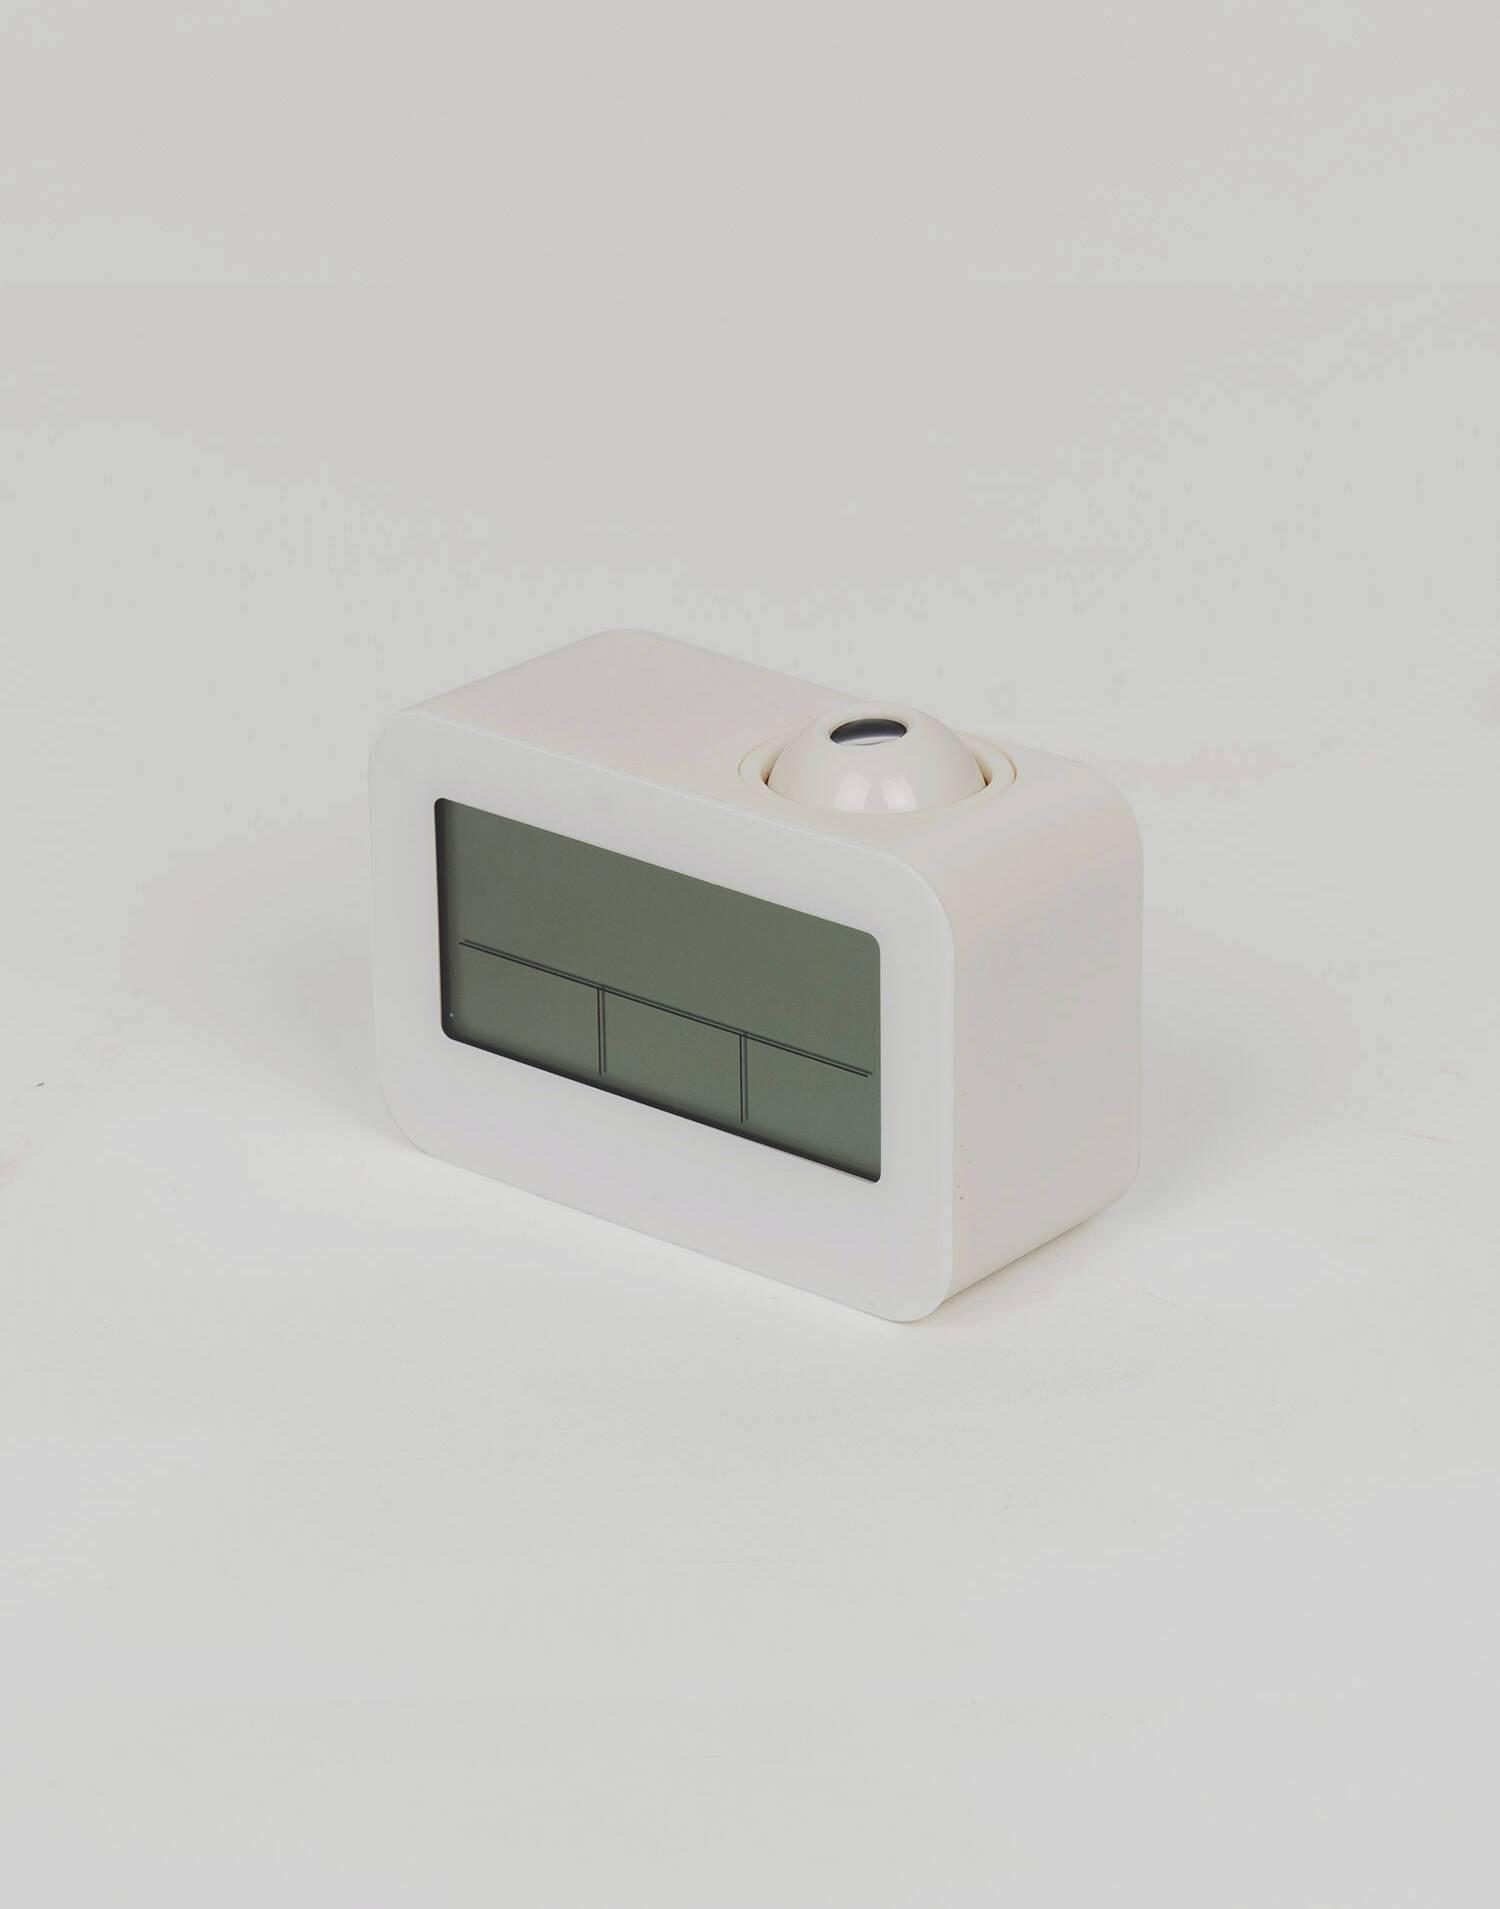 Orologio sveglia proiettore tetto